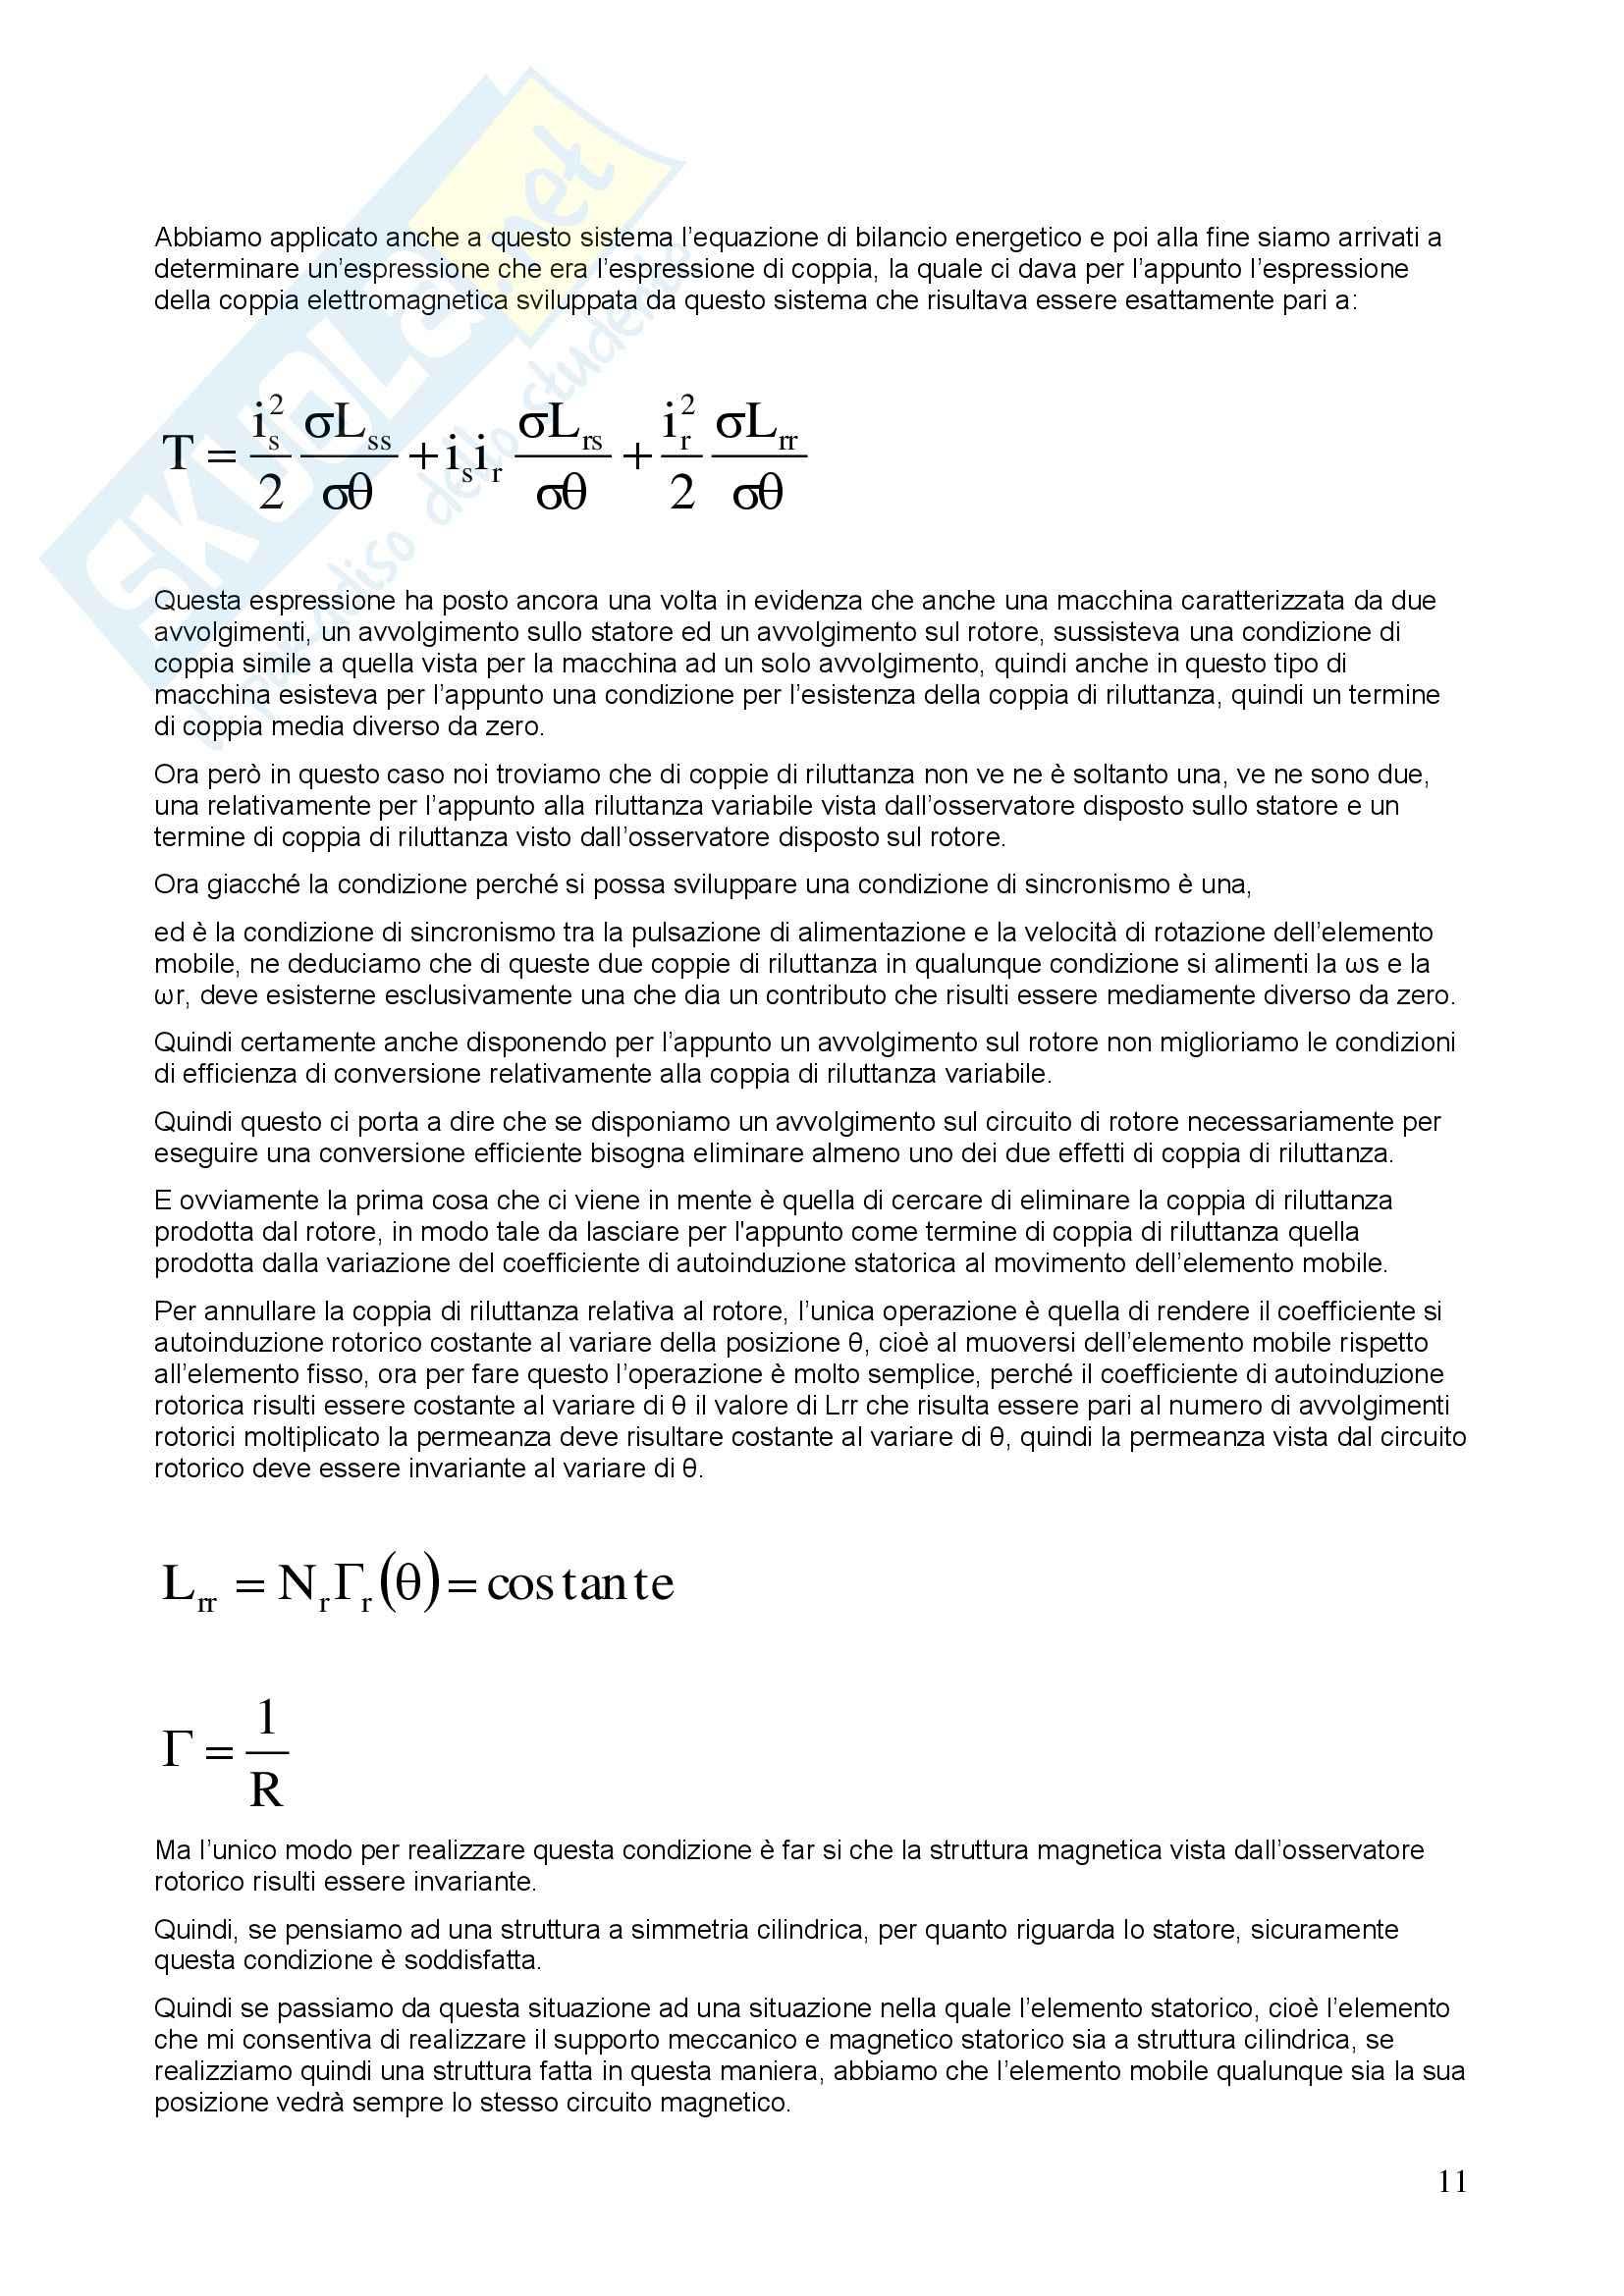 Macchine elettriche Pag. 11